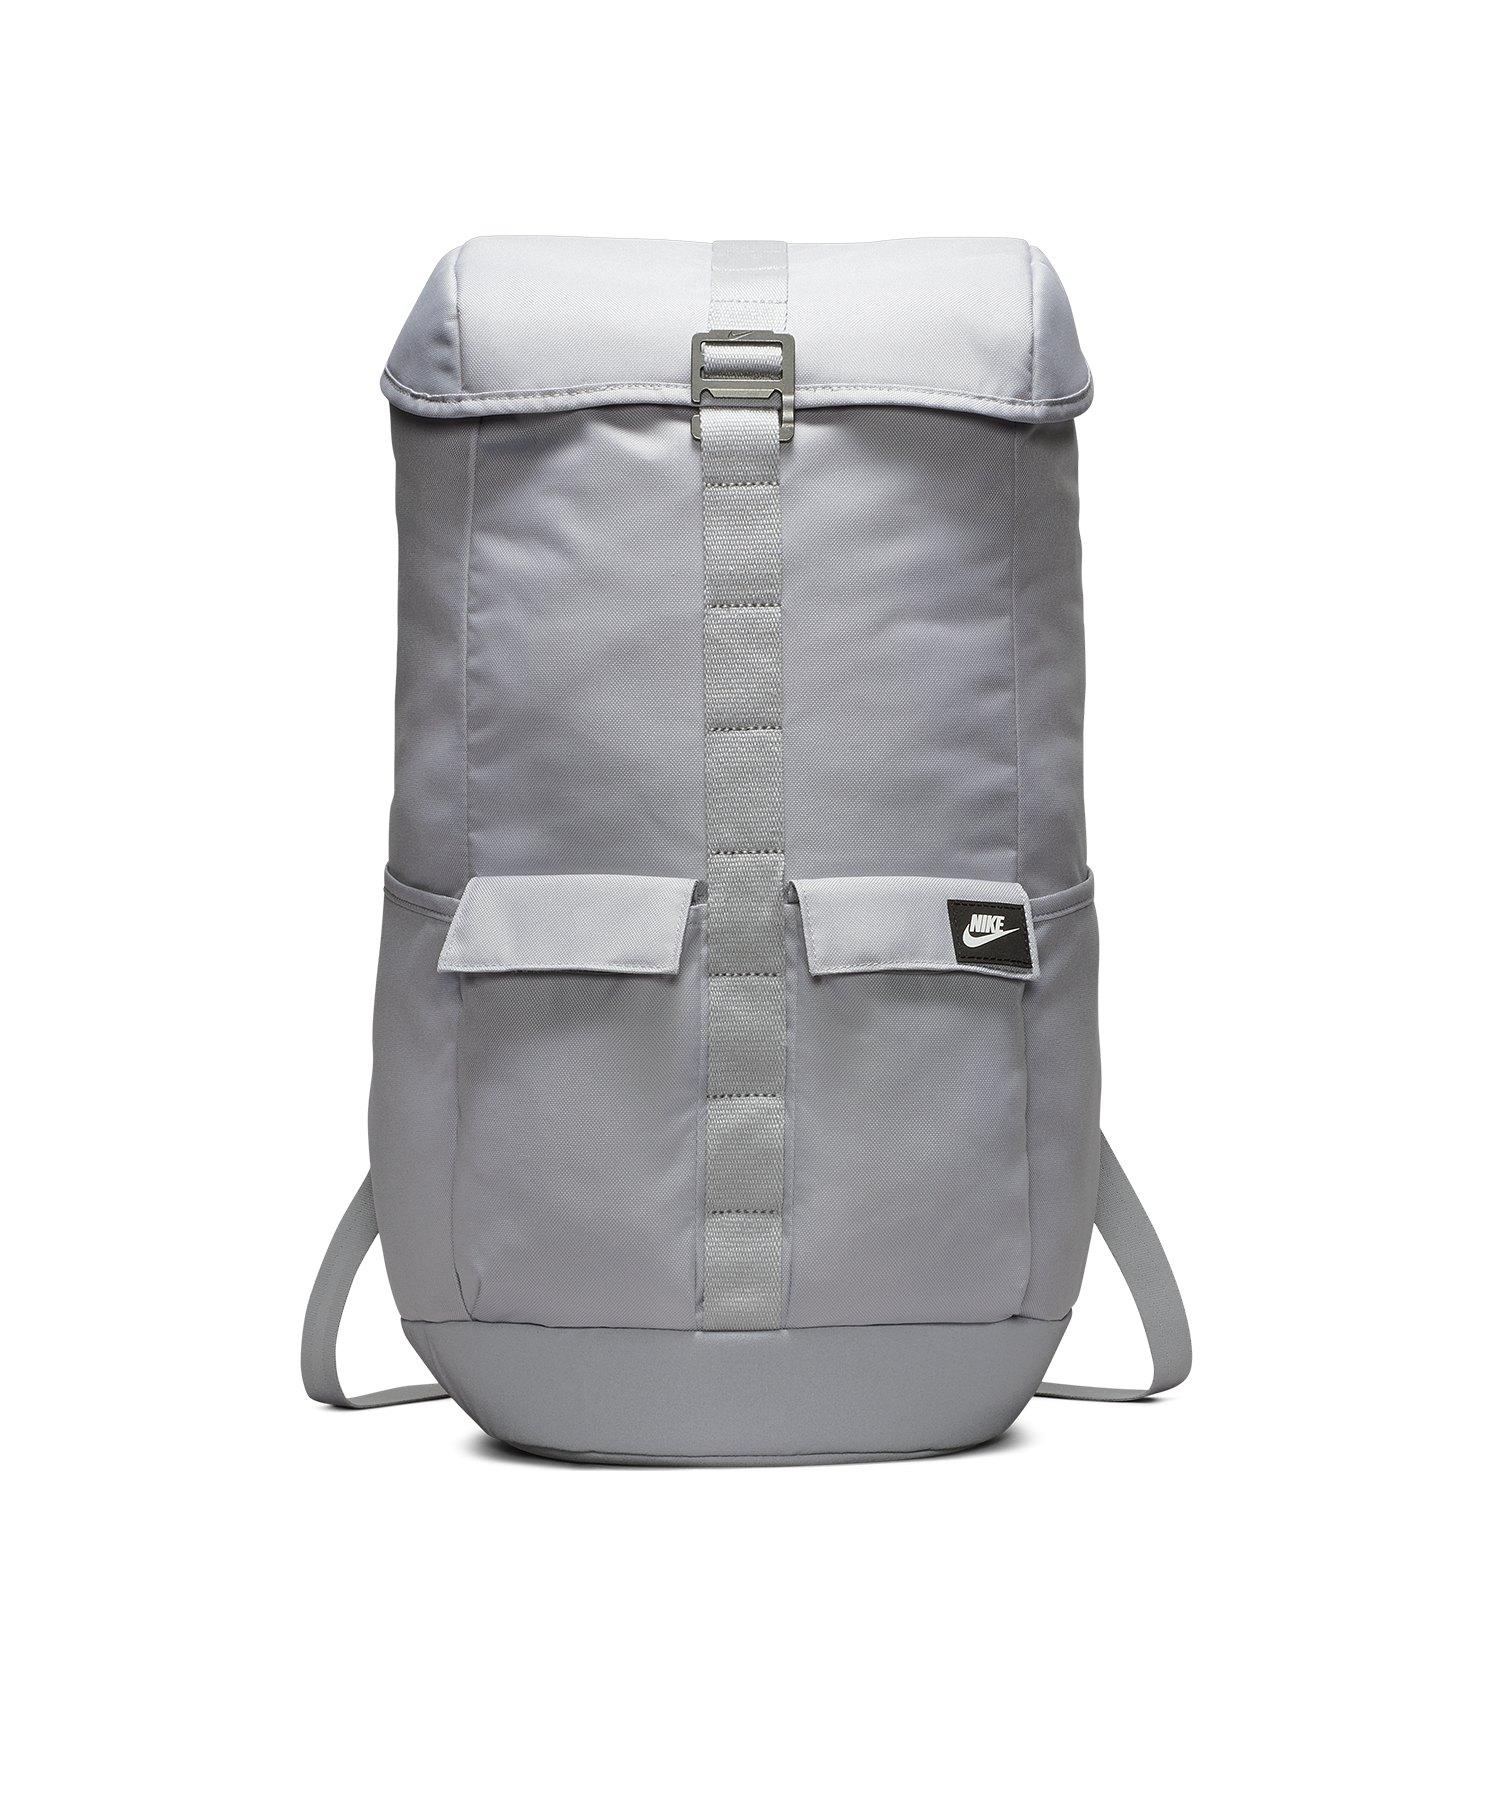 Nike Explore Backpack Rucksack Grau F012 - grau